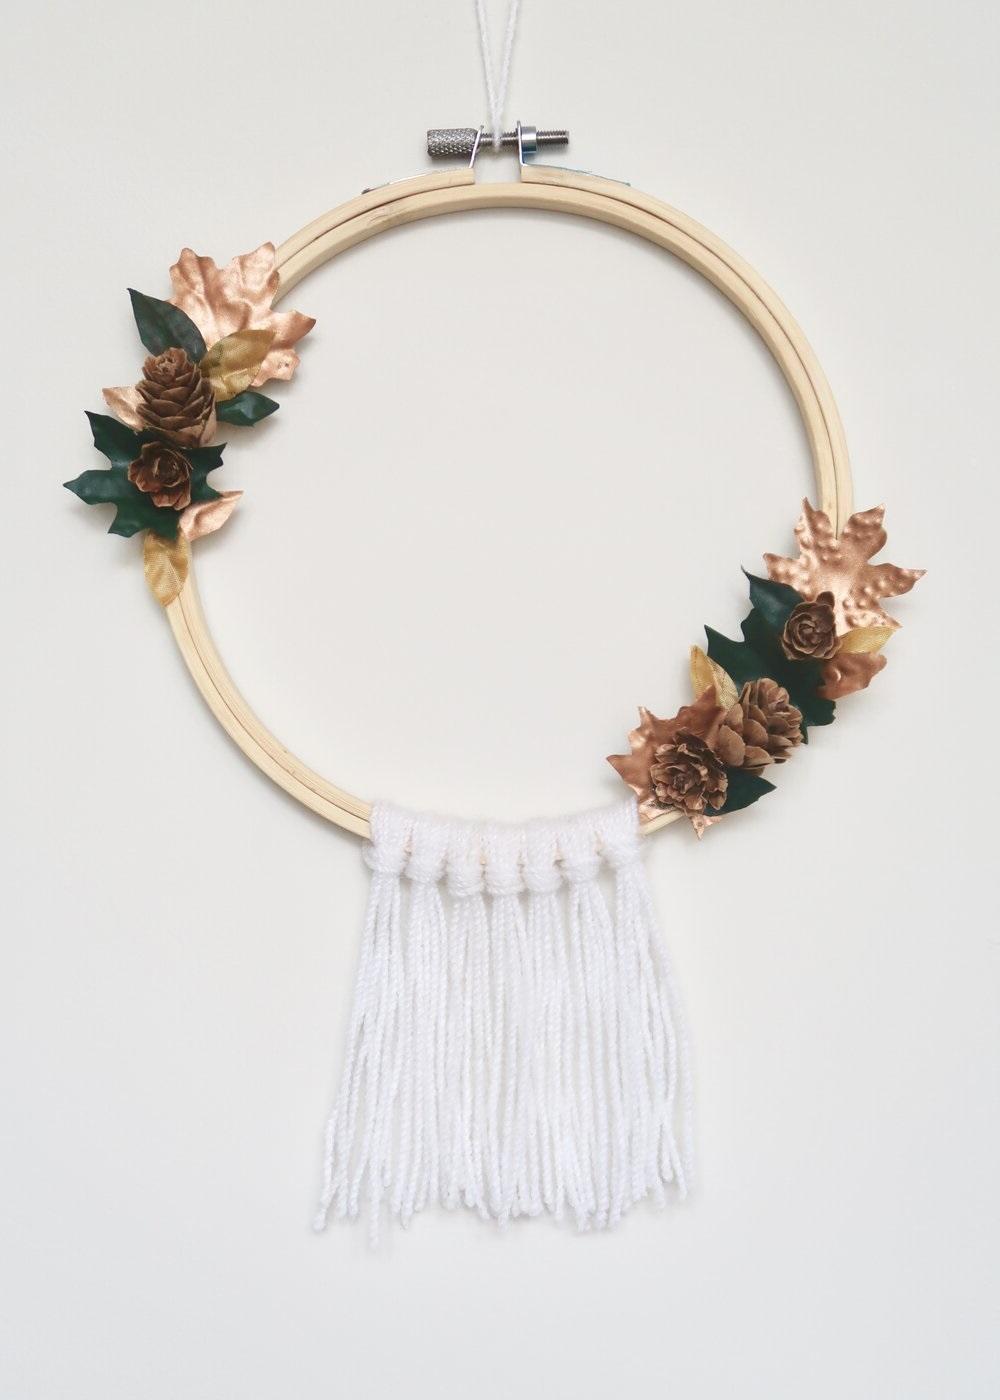 Bricolage d'automne: couronne de pommes de pin et feuilles en papier.